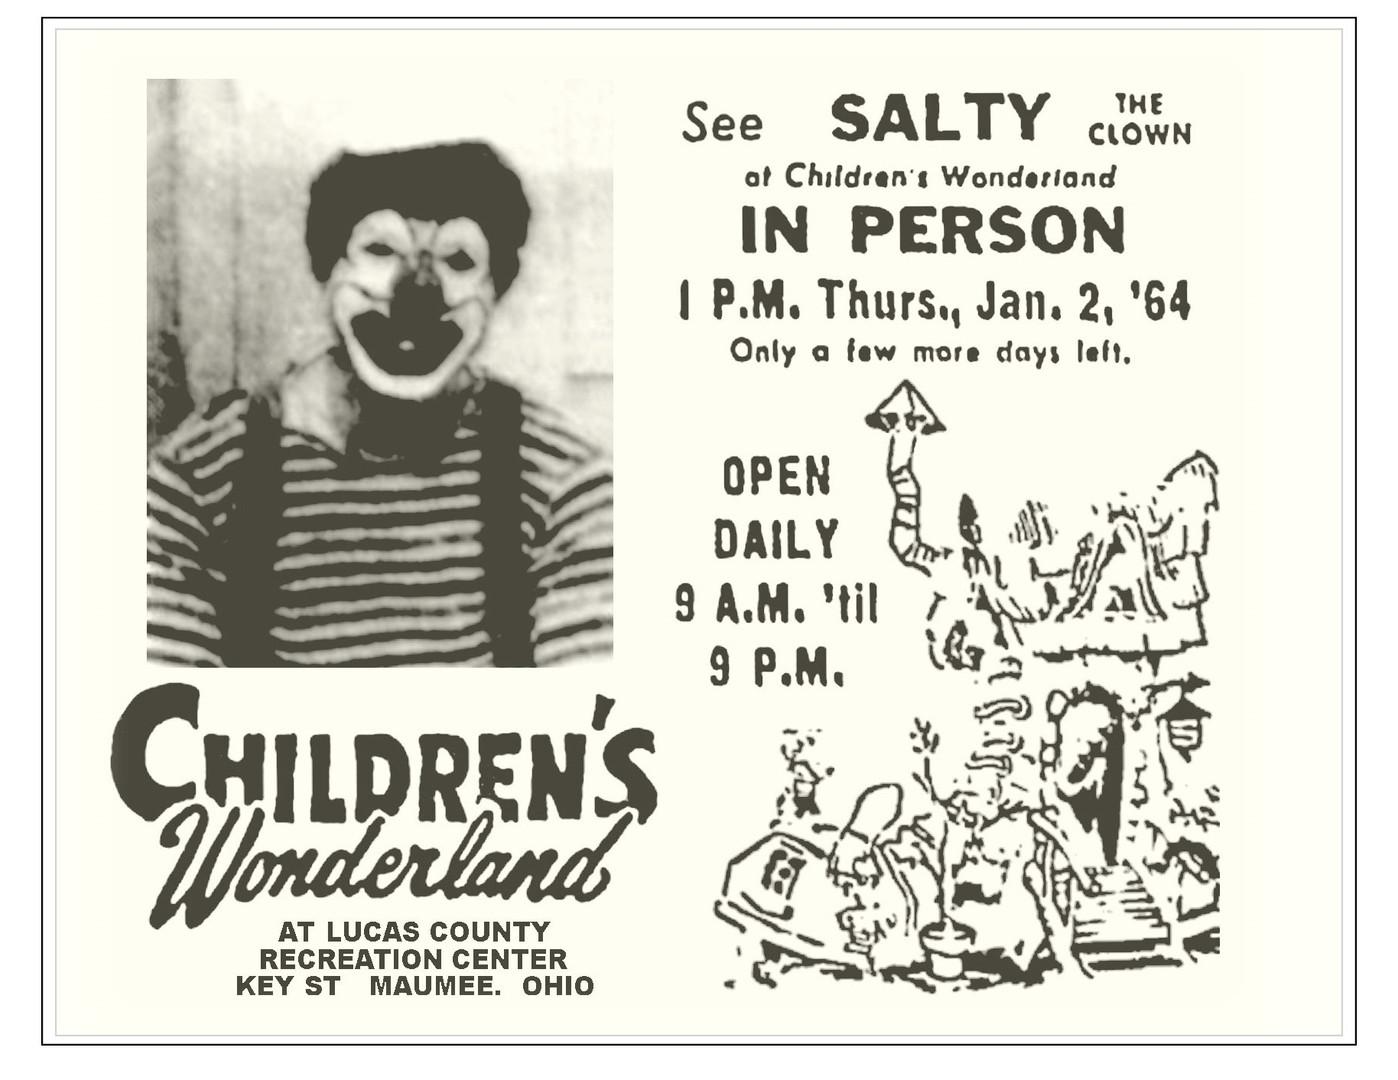 Children's Wonderland and Salty